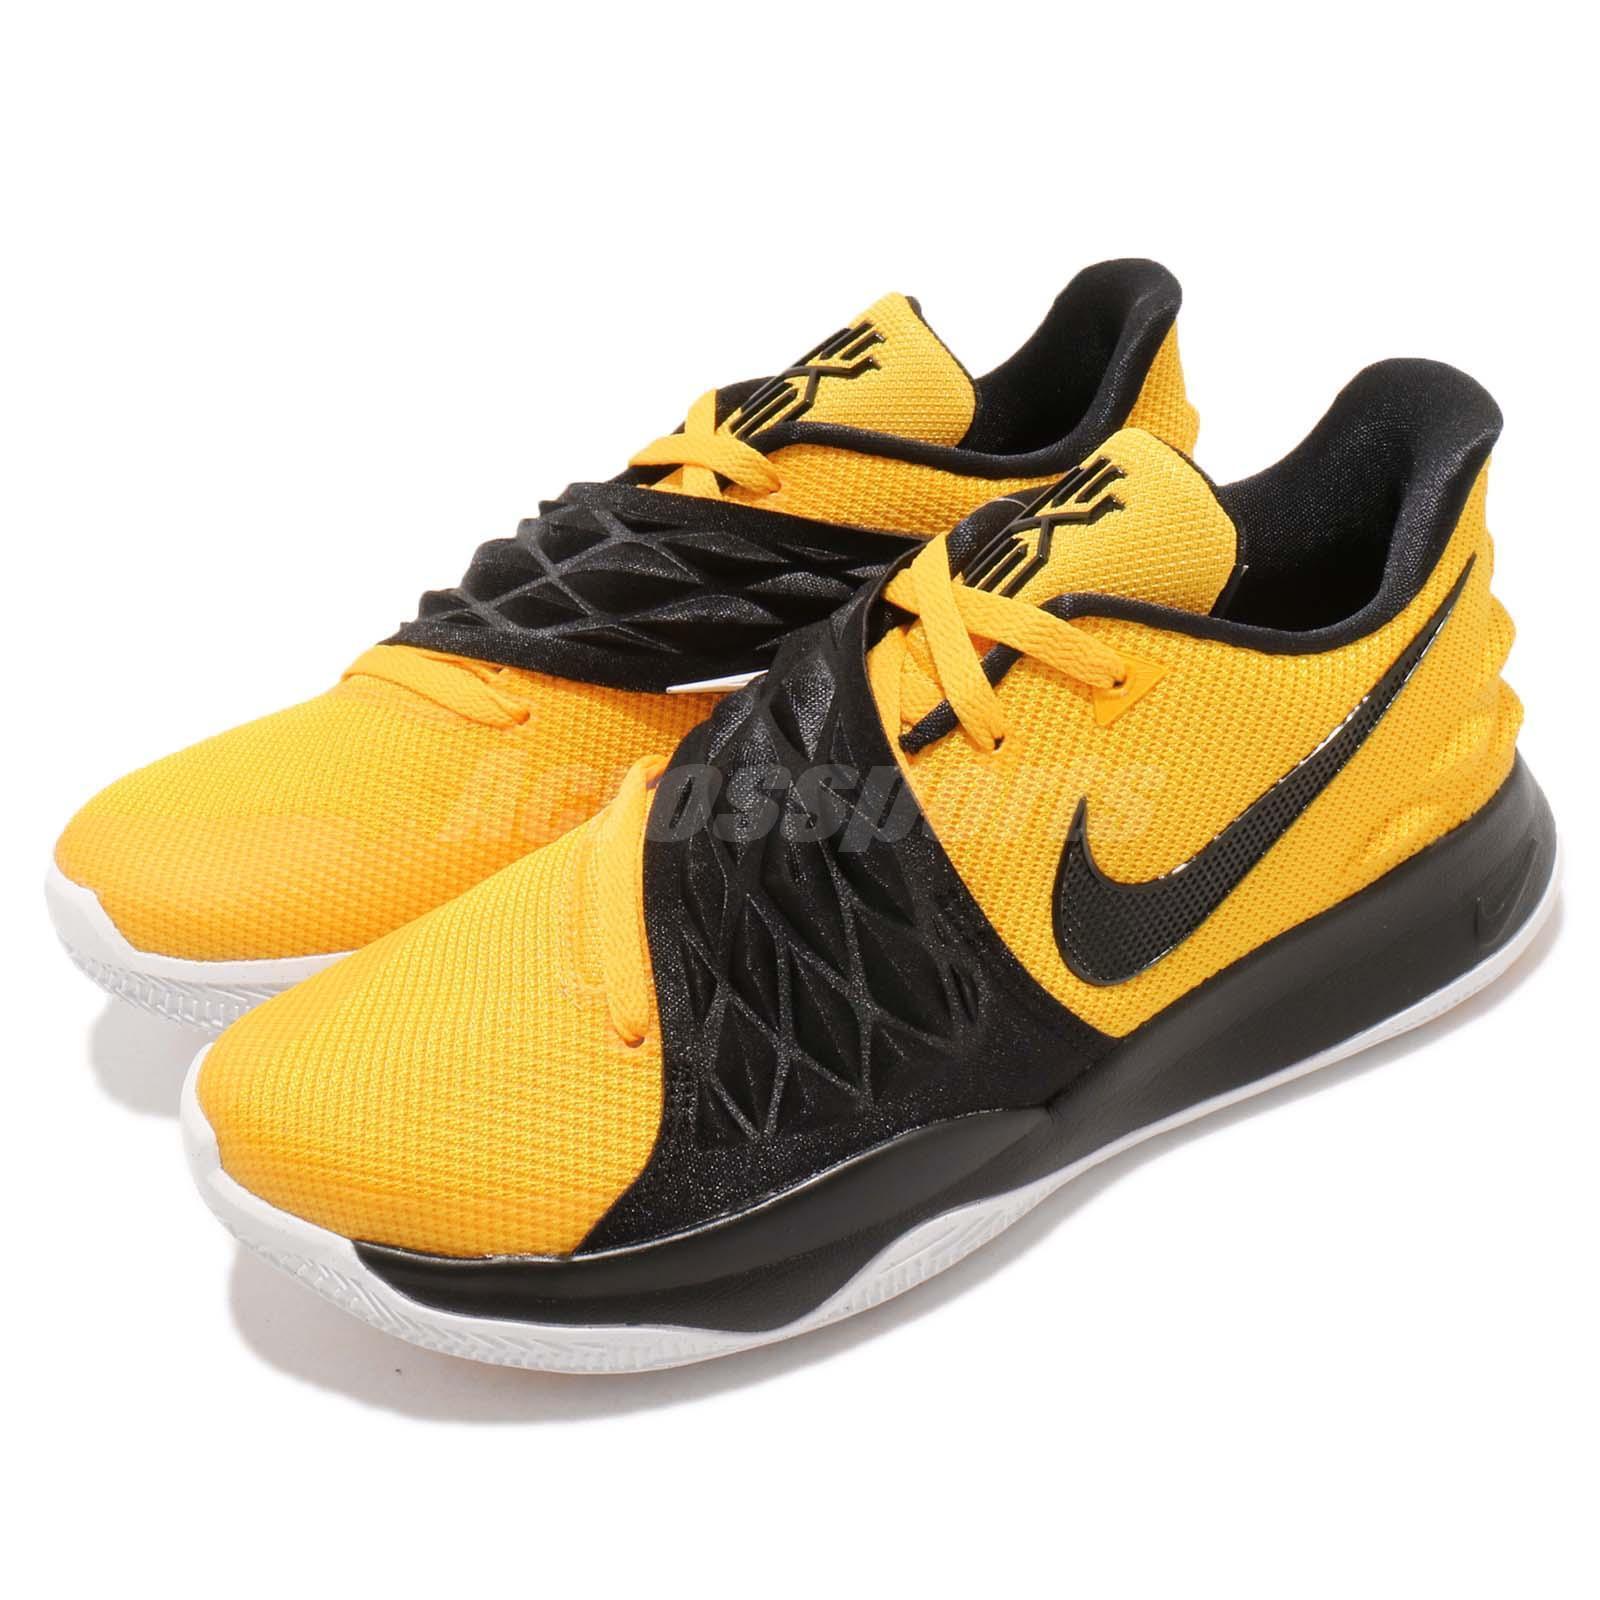 Nike kyrie irving gelb - schwarze männer 1. schuhe geringe ep basketball - schuhe 1. ao8980-700 turnschuhe. 91253f